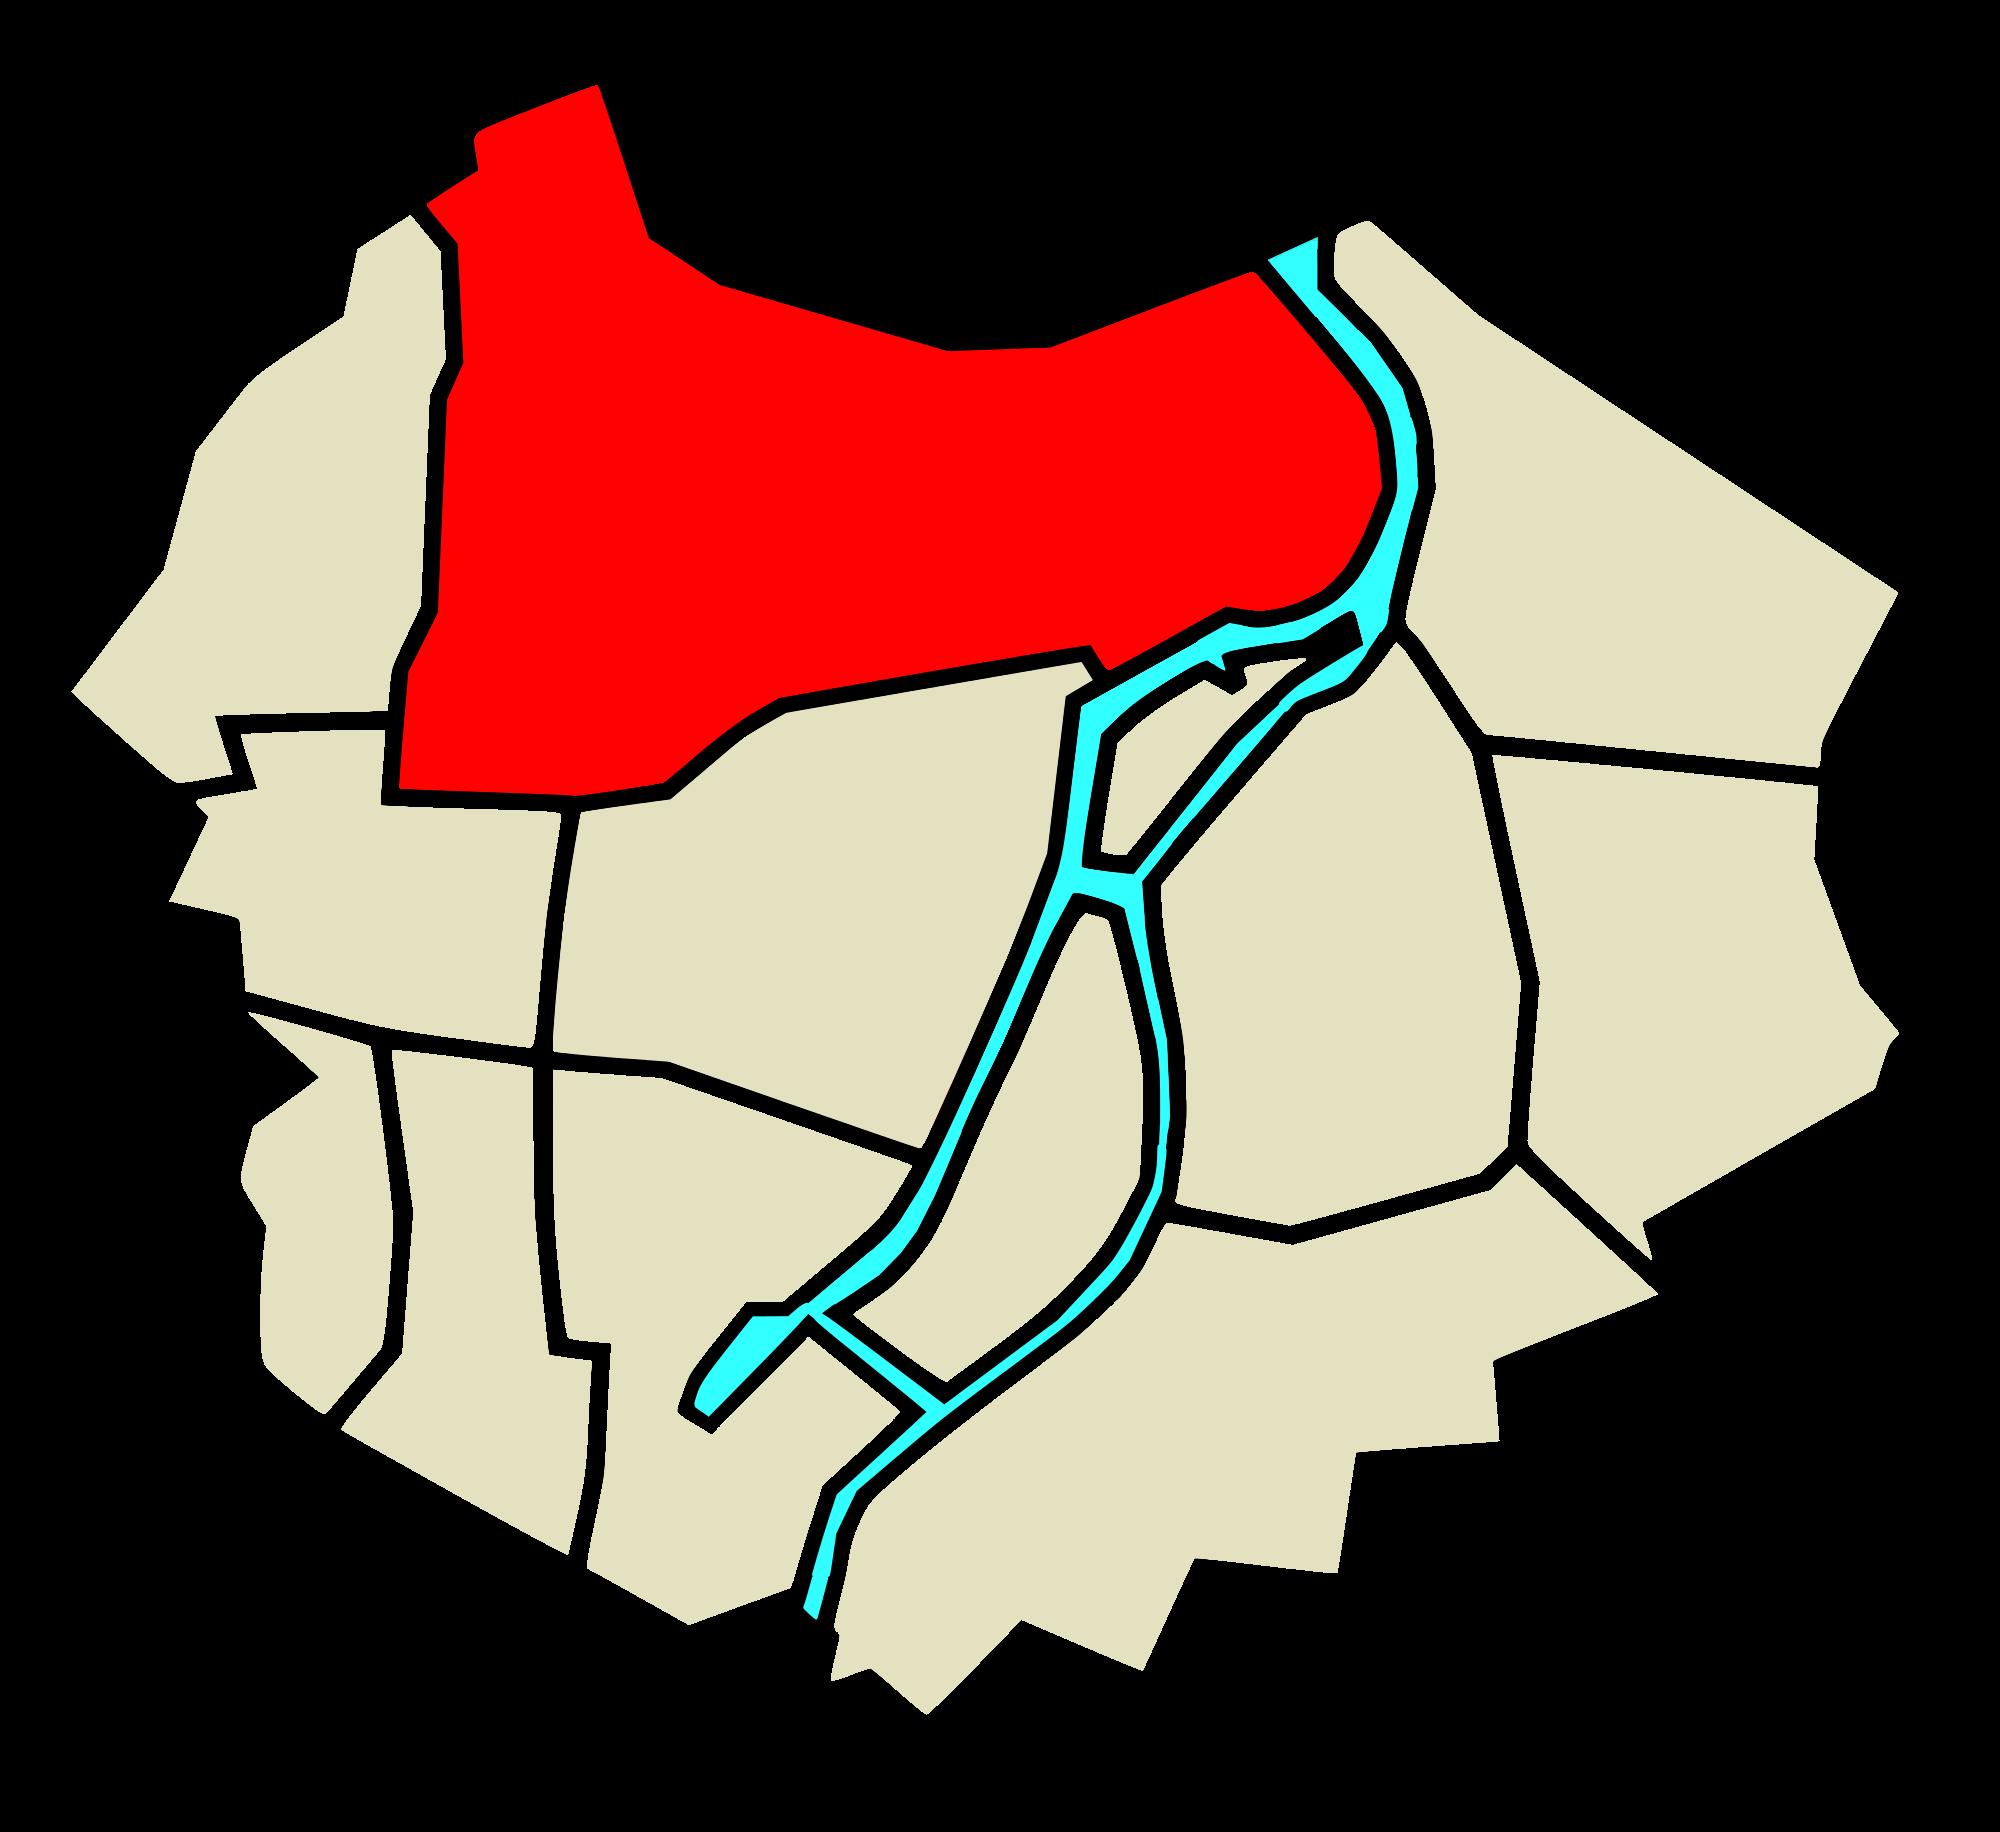 File:Stare Miasto Subdivision.svg.